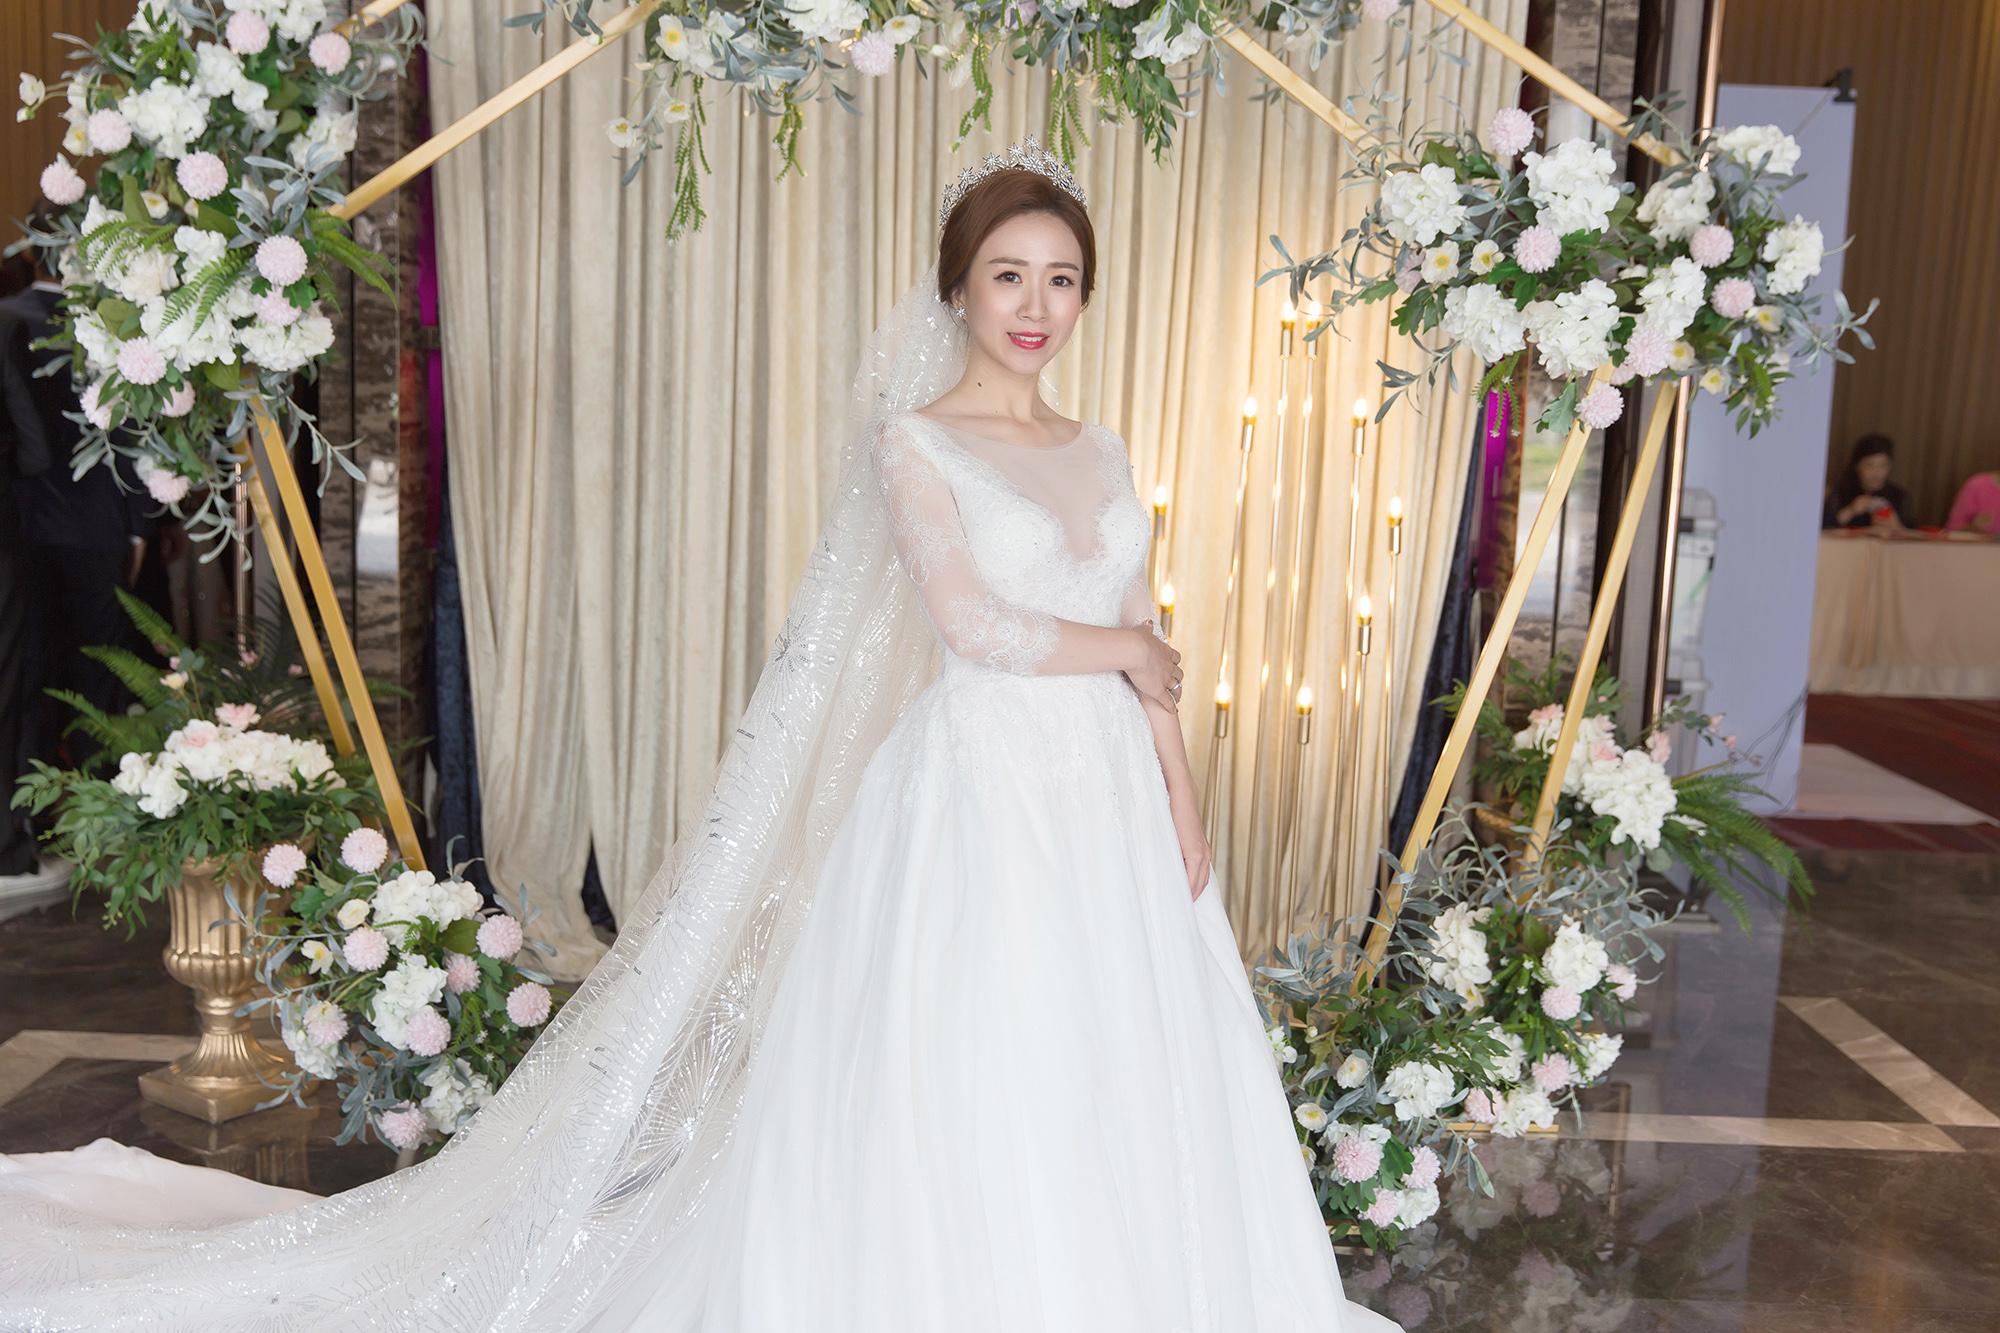 新秘Yuki,新娘秘書,新秘,新娘造型,白紗造型,新娘髮型,皇冠造型,新娘妝容,高雄新秘, 長頭紗, 高馬尾